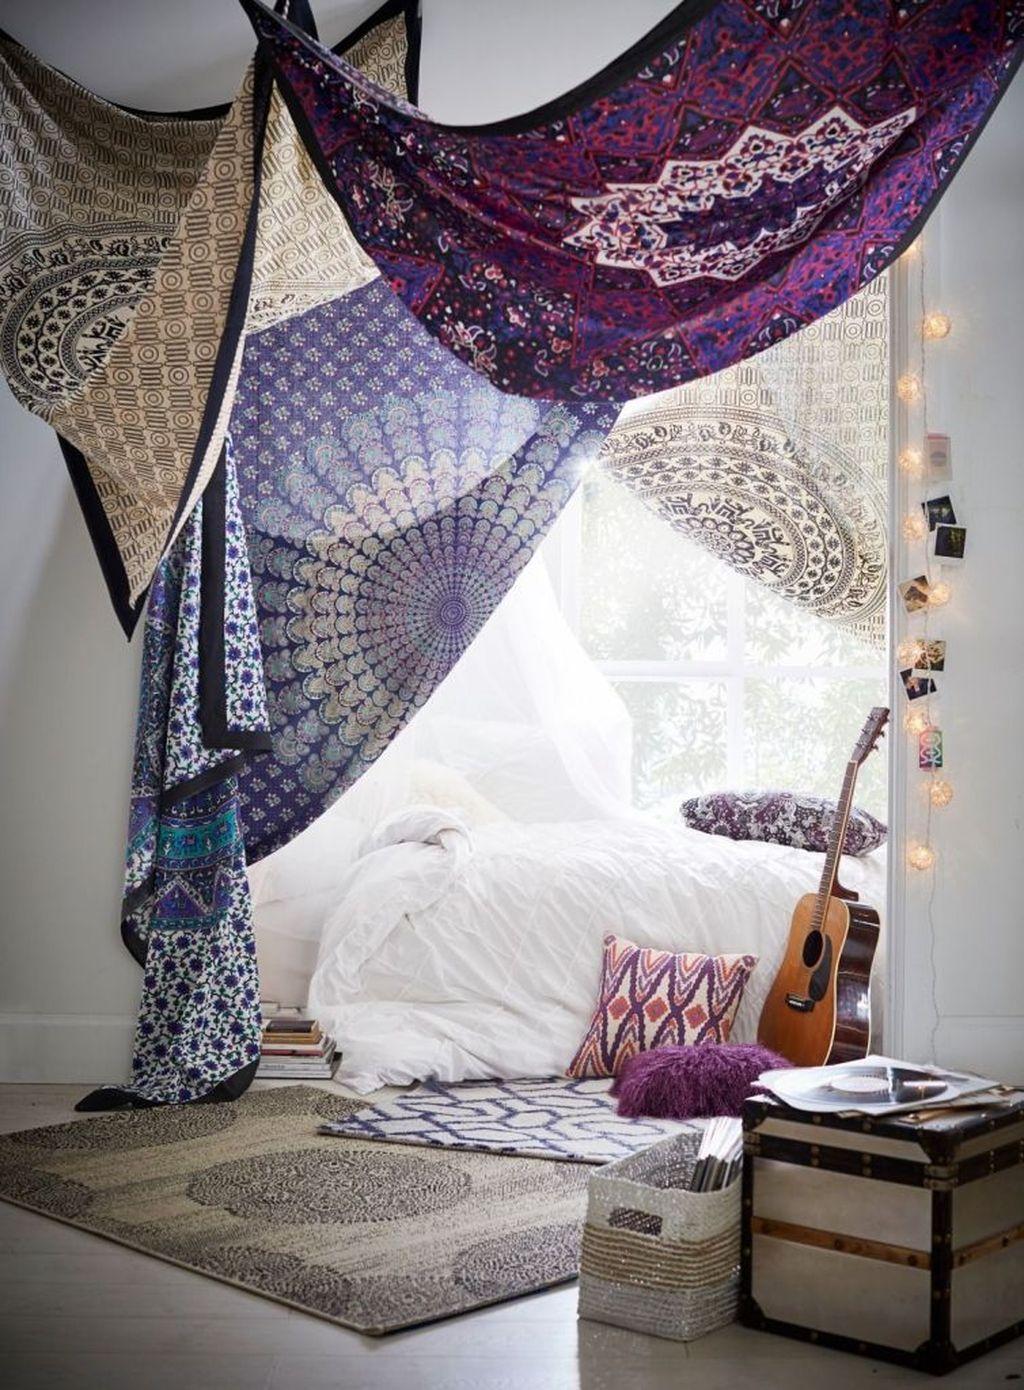 Unique Diy Hippie House Decor Ideas For Best Inspirations 20